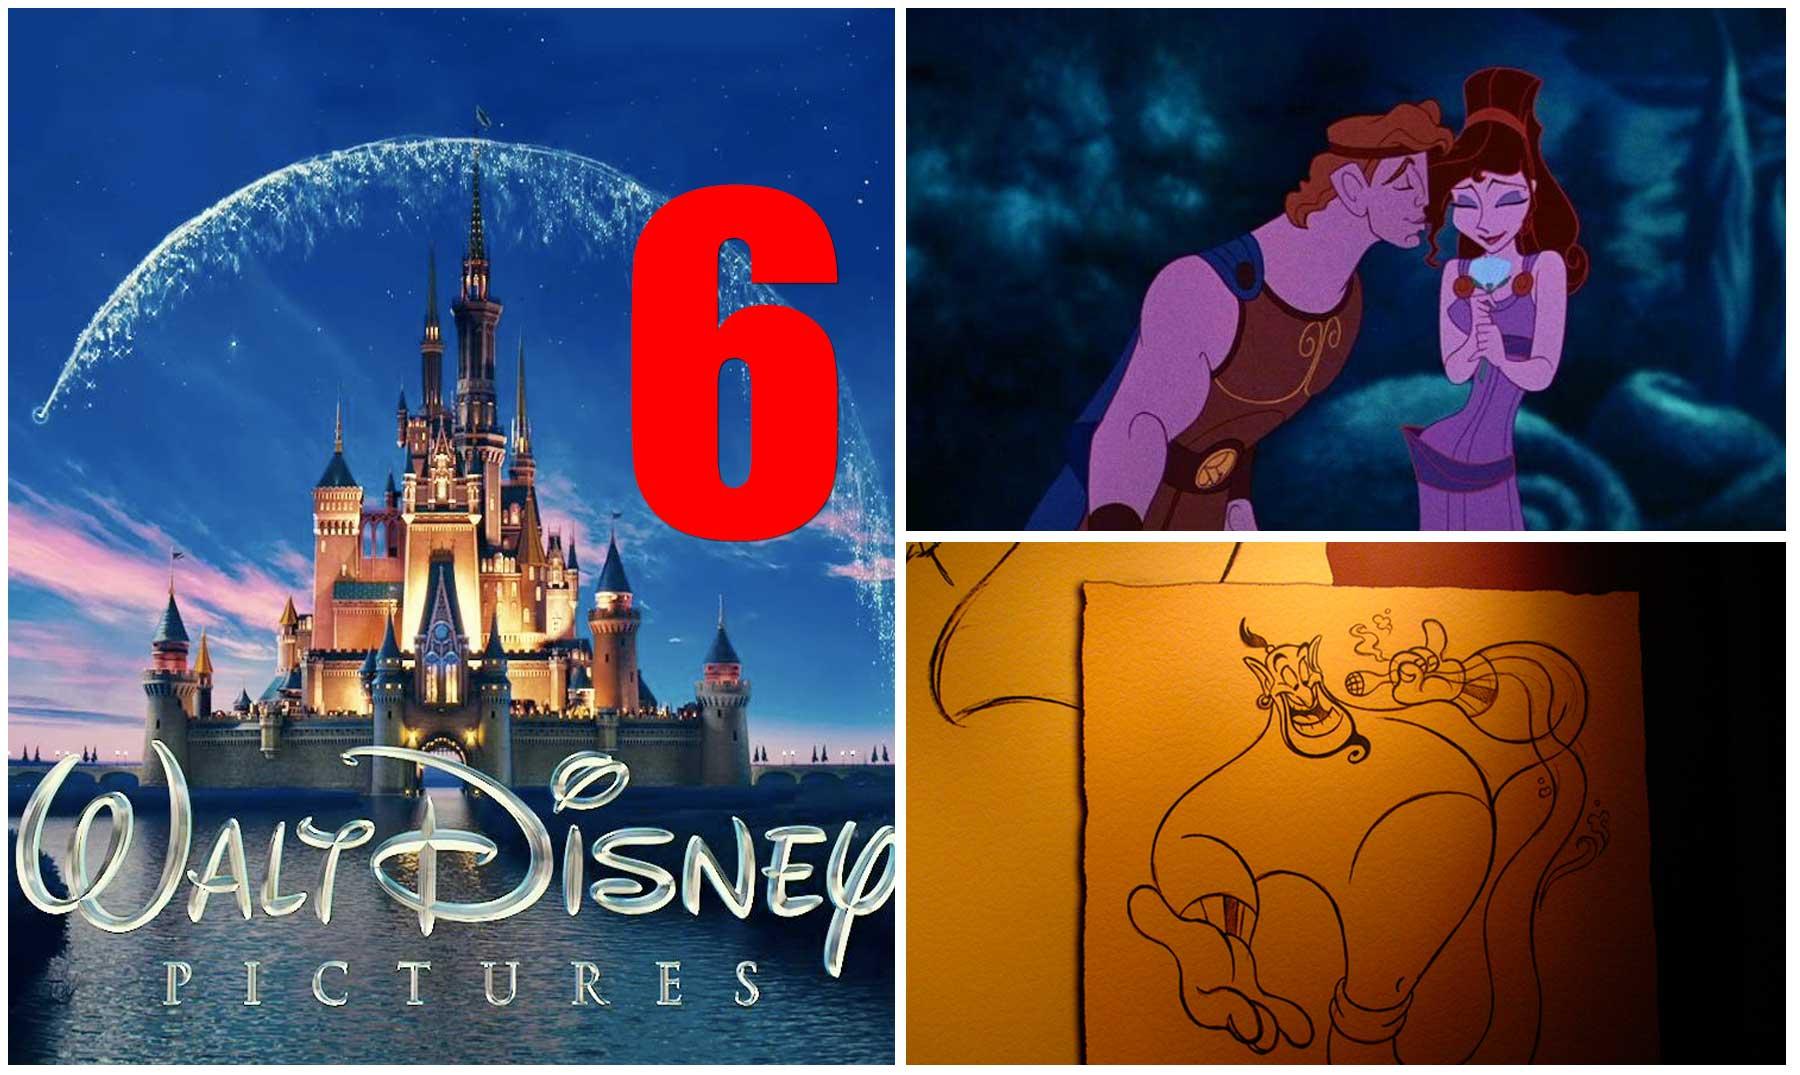 6 canciones Disney que NO pasaron el filtro pero ¡queremos descubrir!